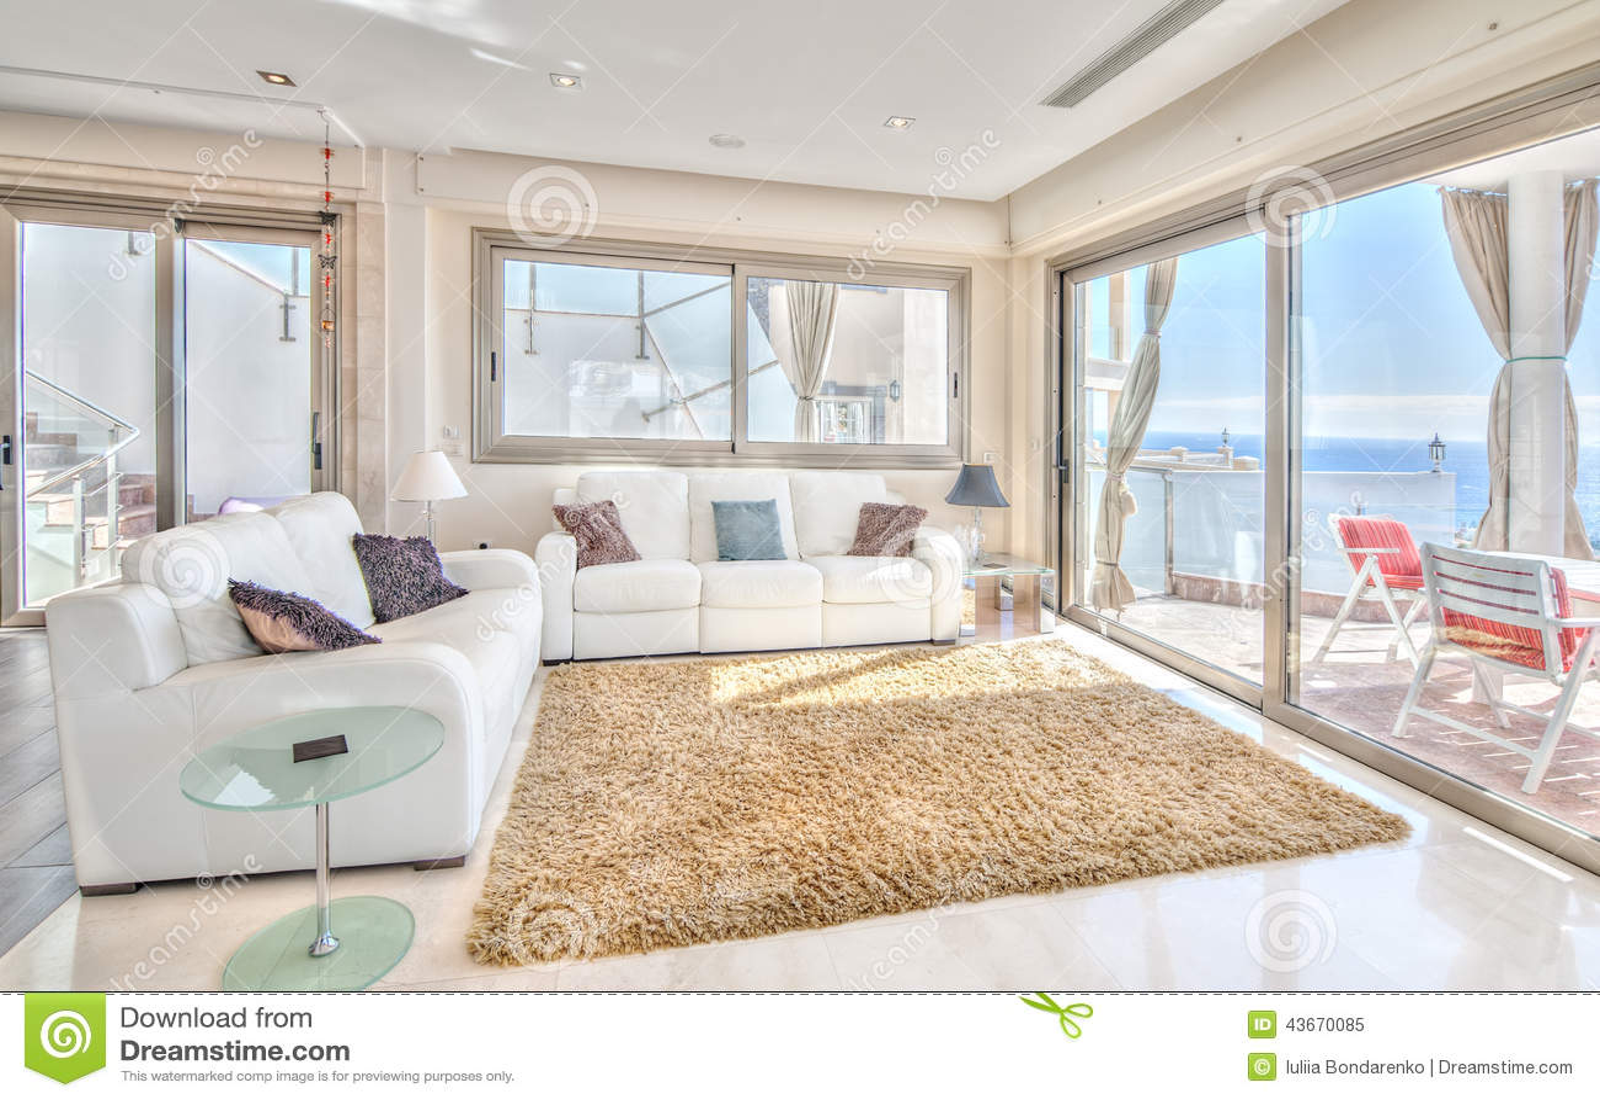 landhaus wohnzimmer | jtleigh.com - hausgestaltung ideen - Wandbilder Landhausstil Wohnzimmer